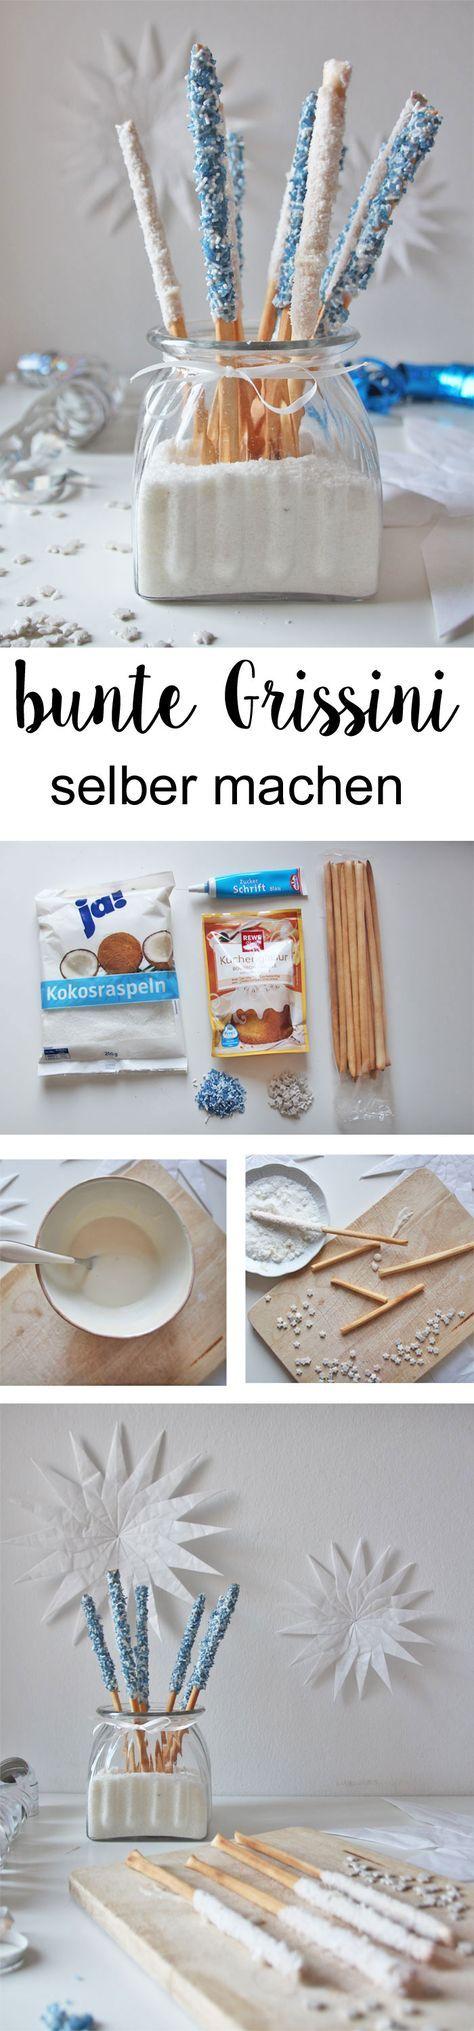 Bunte Grissini selber machen: DIY Rezept für bunte Party Sticks im Eisköniginnen Style – Petra